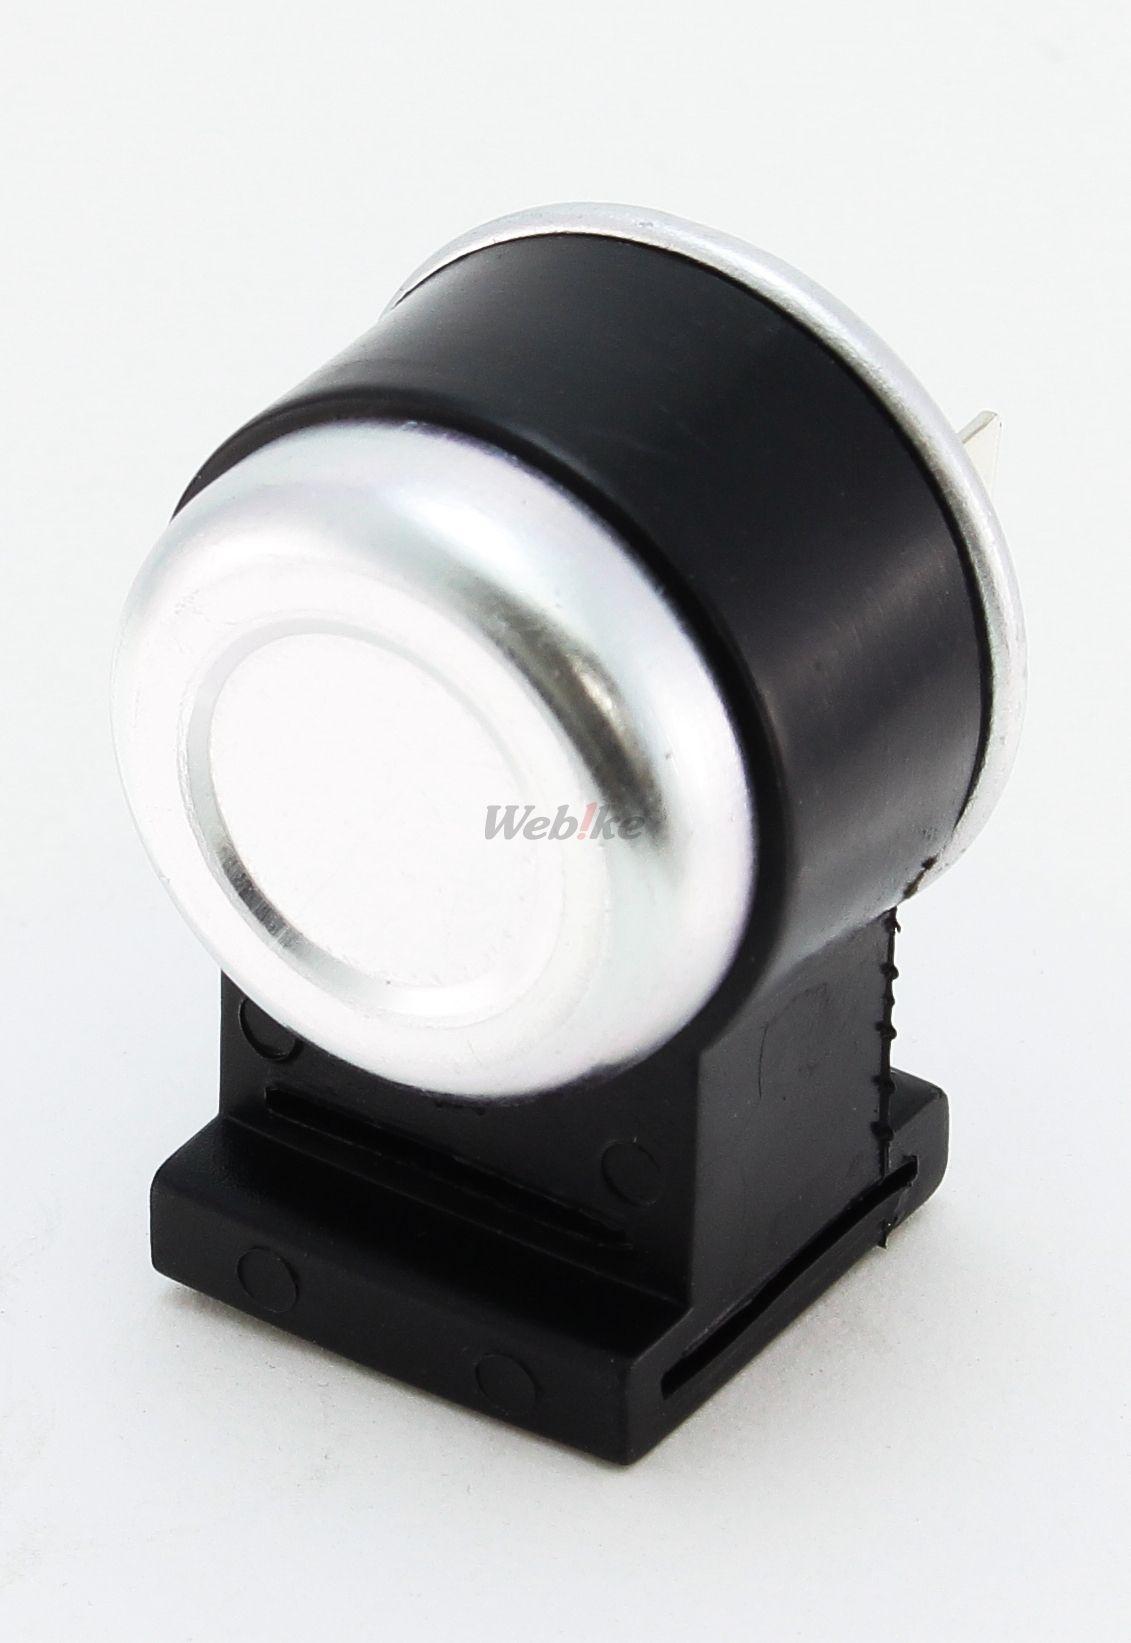 【KIJIMA】方向燈繼電器 - 「Webike-摩托百貨」